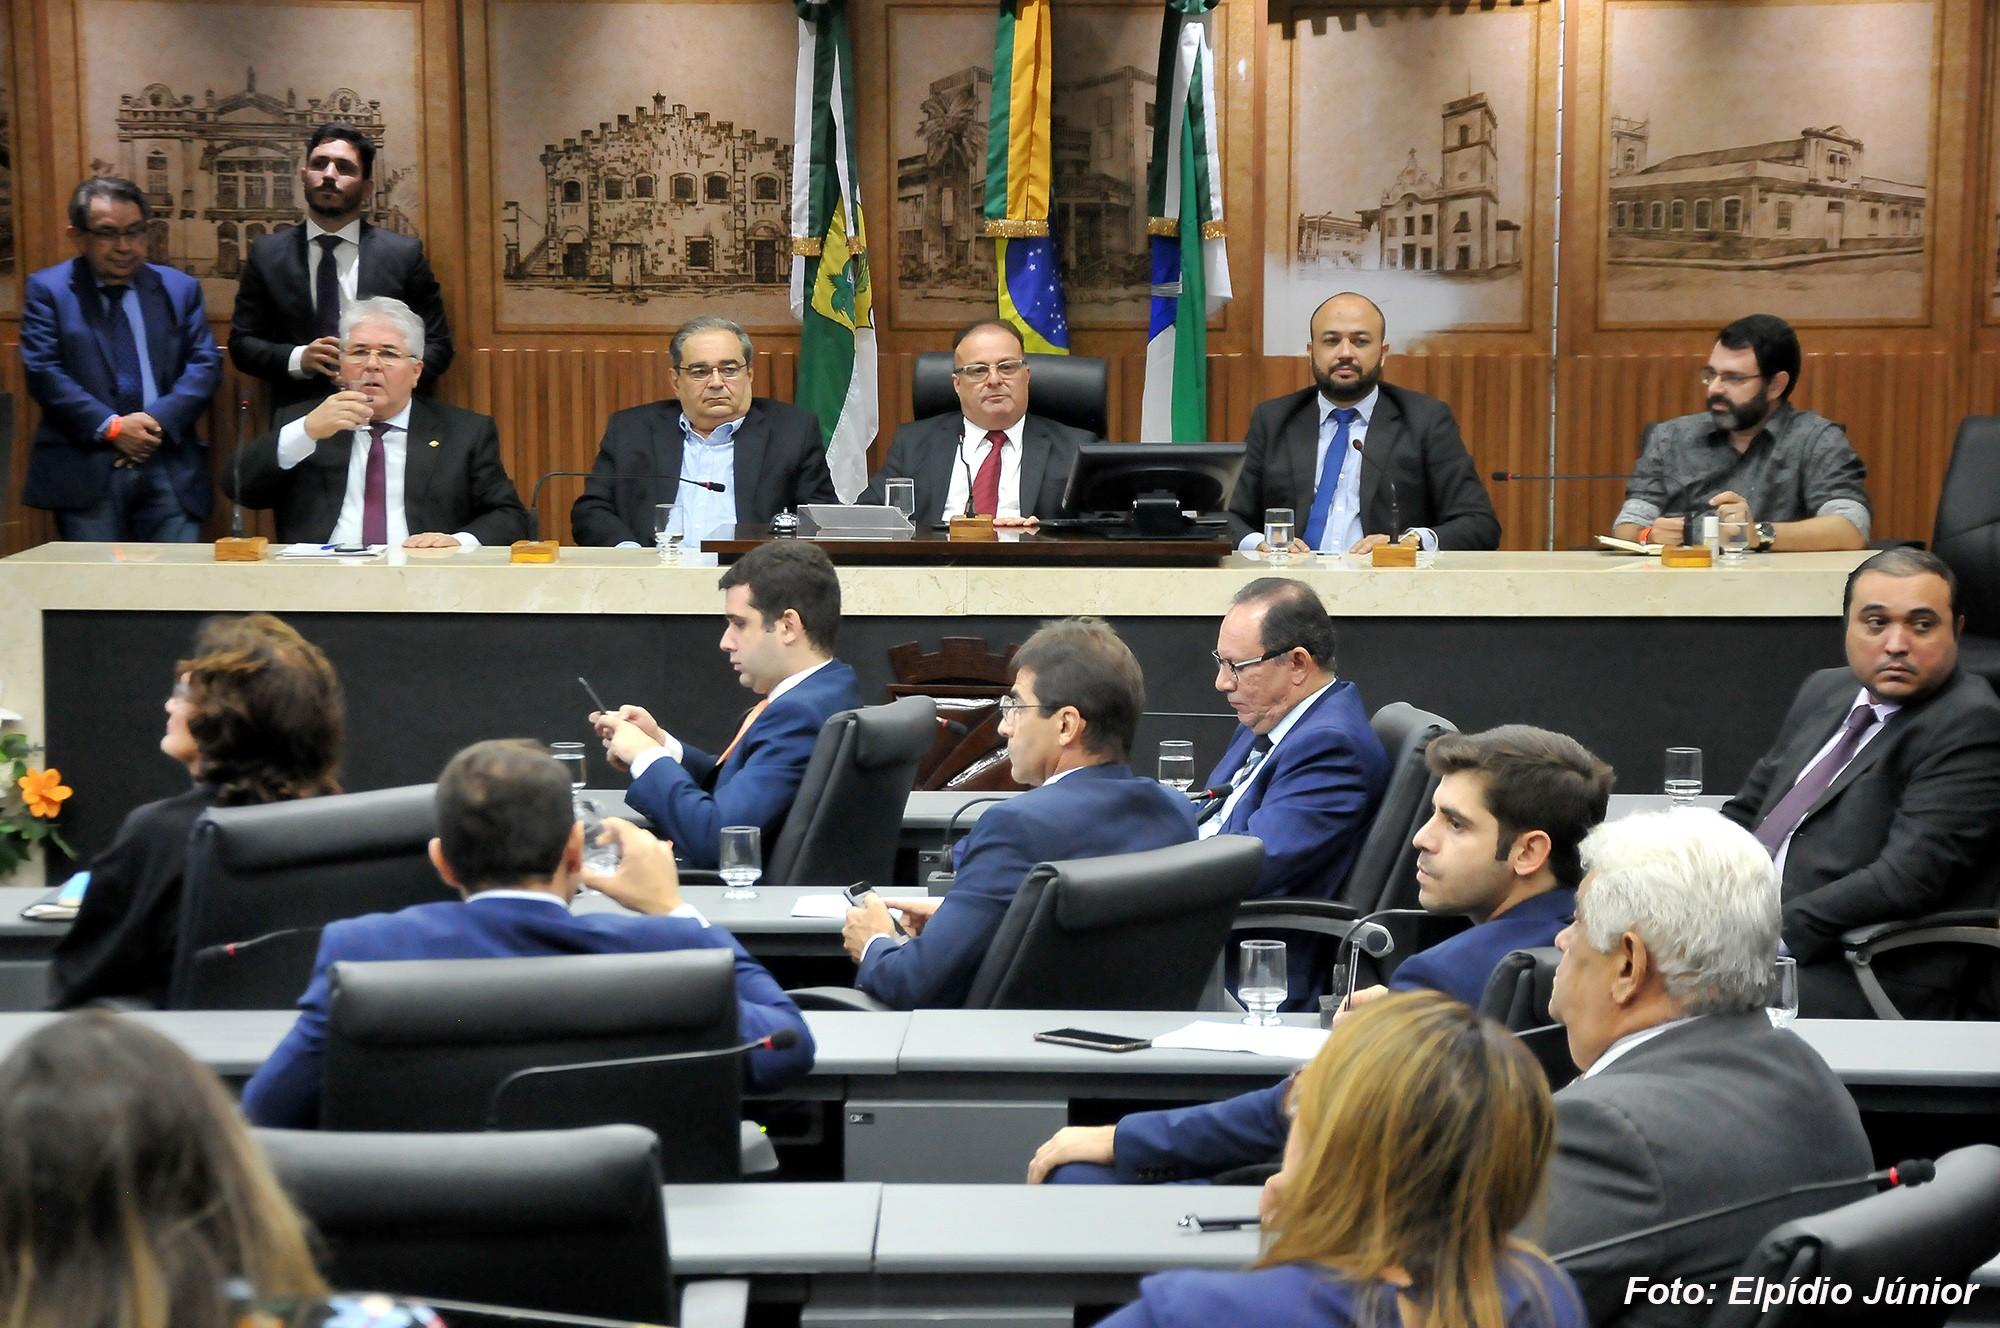 'Não vamos votar às pressas', diz presidente da Câmara Municipal de Natal sobre Plano Diretor - Notícias - Plantão Diário